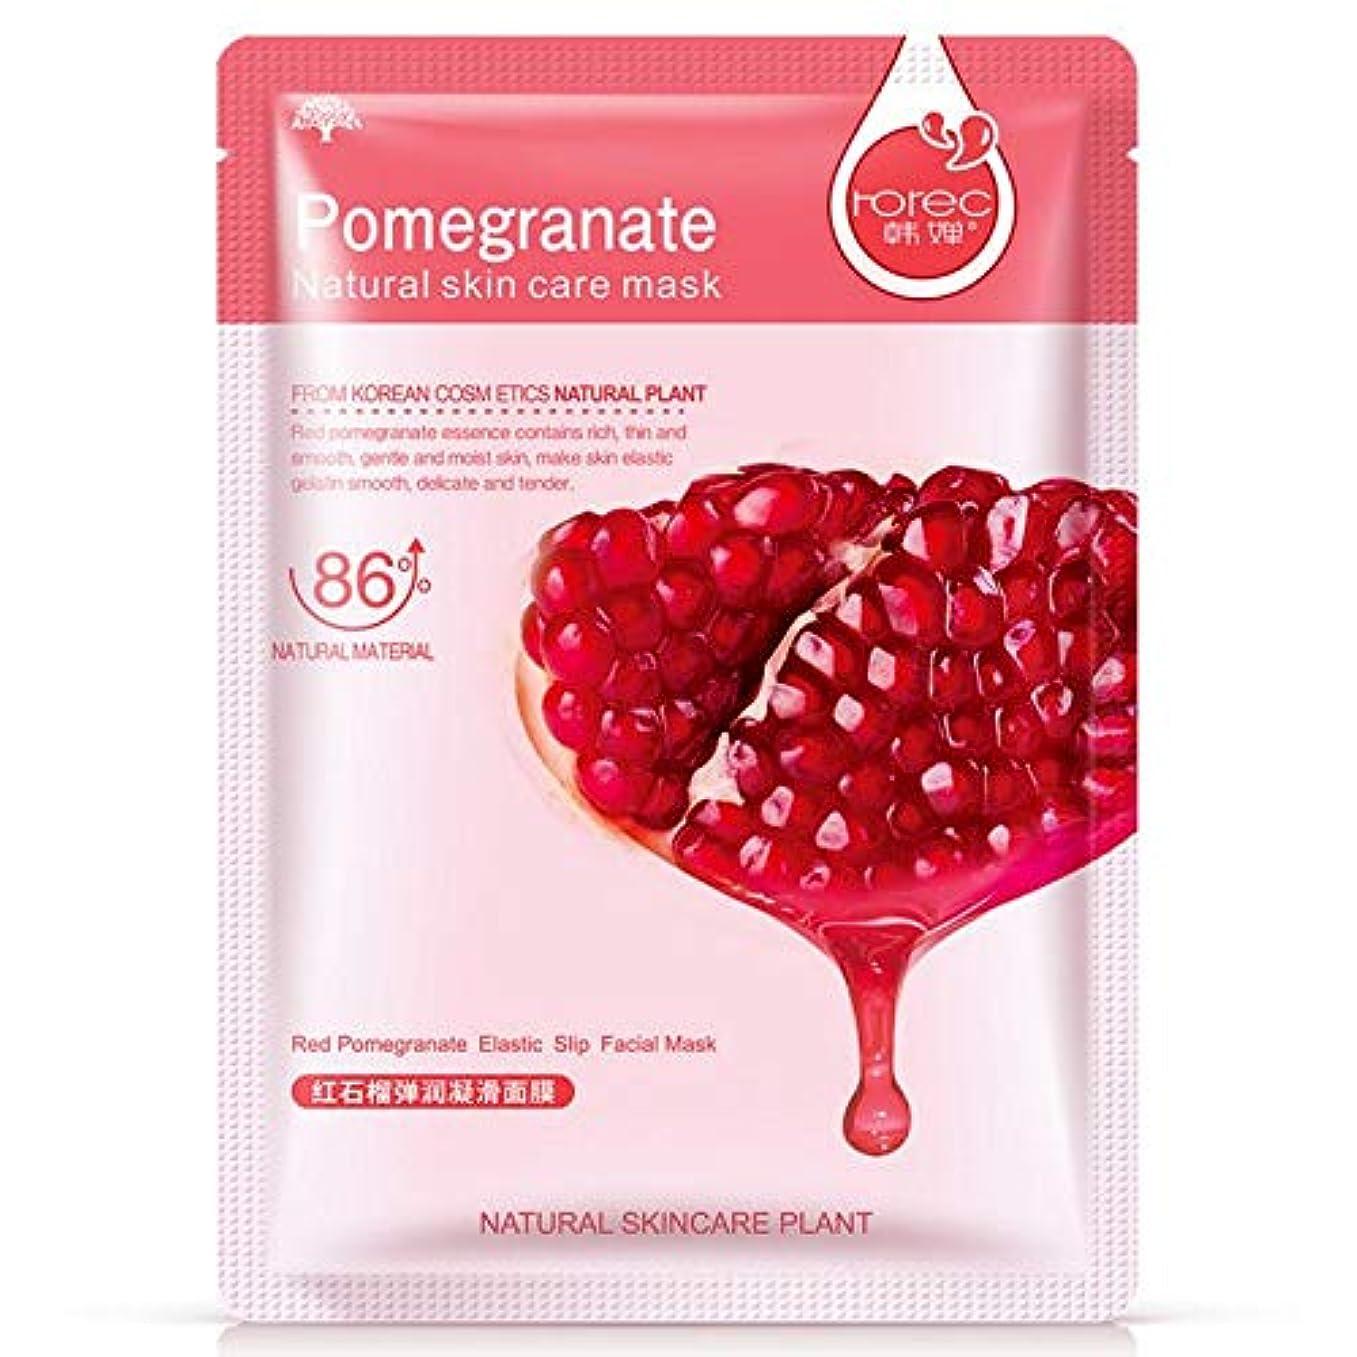 敬の念権限参加者(Pomegranate) Skin Care Plant Facial Mask Moisturizing Oil Control Blackhead Remover Wrapped Mask Face Mask Face...